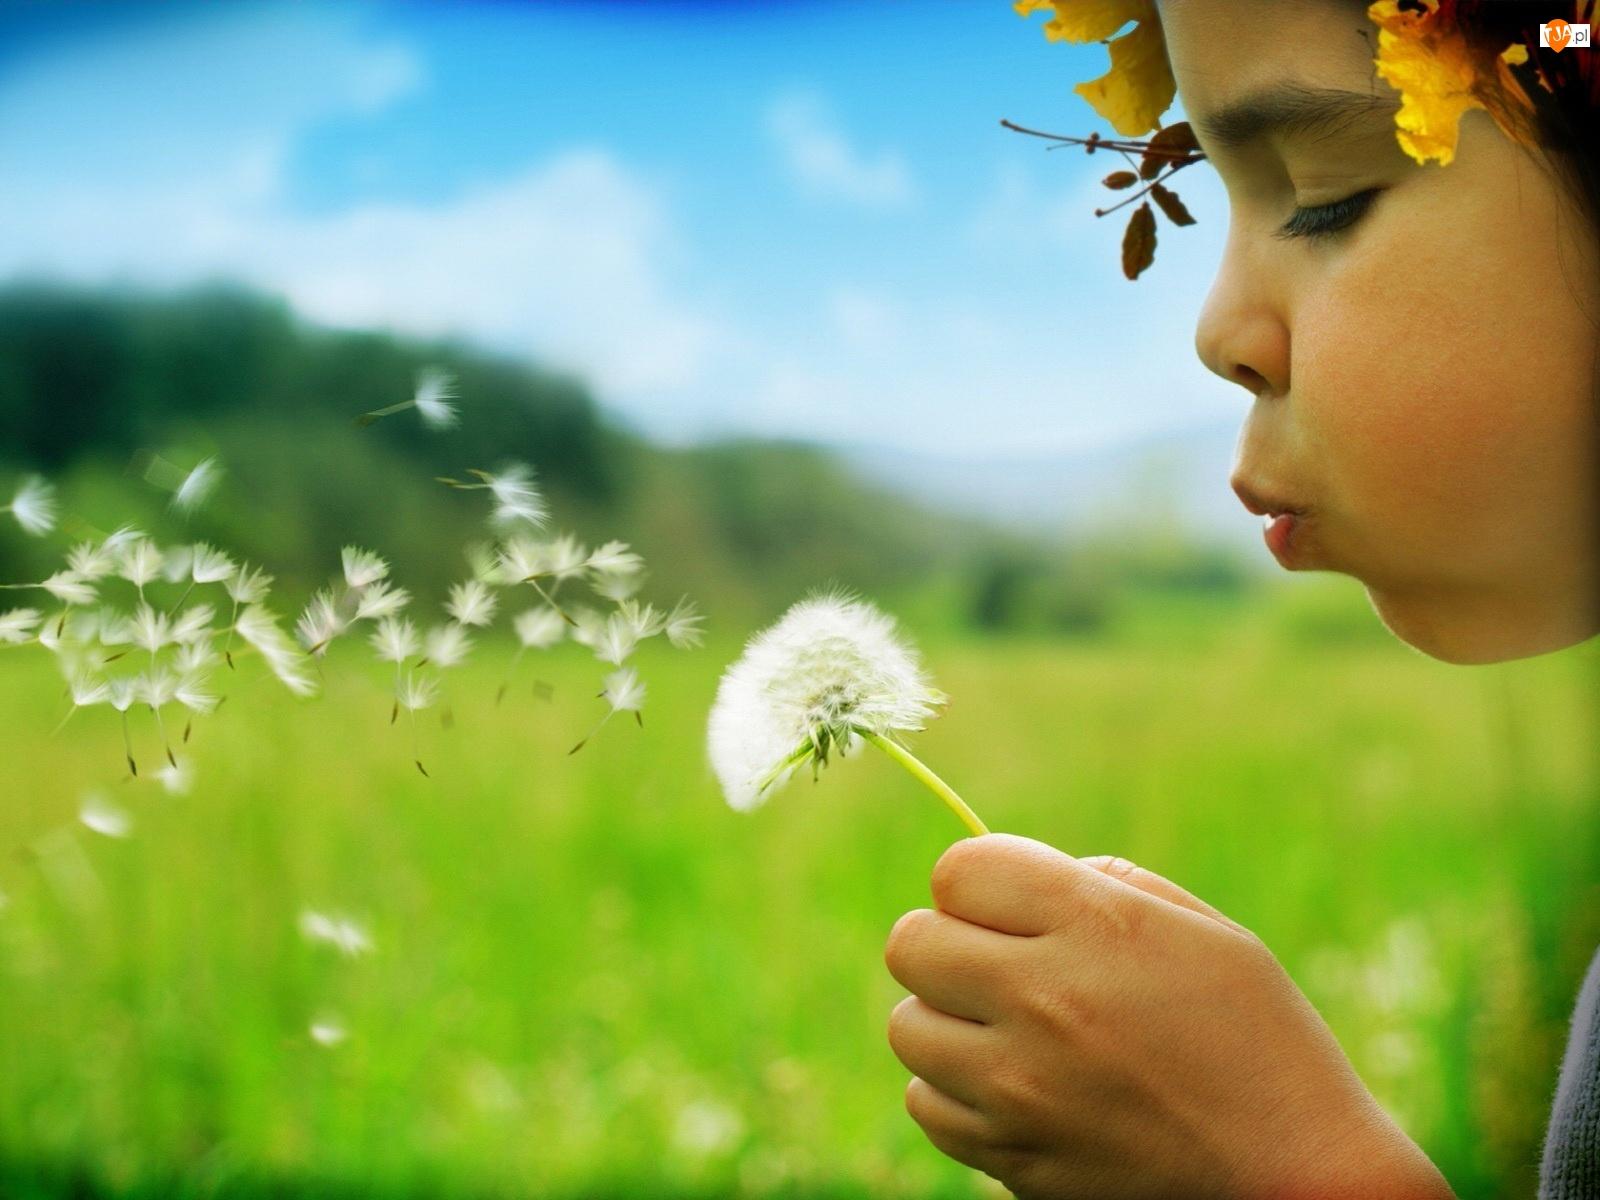 Dziewczynka, Mleczu, Wianek, Kwiat